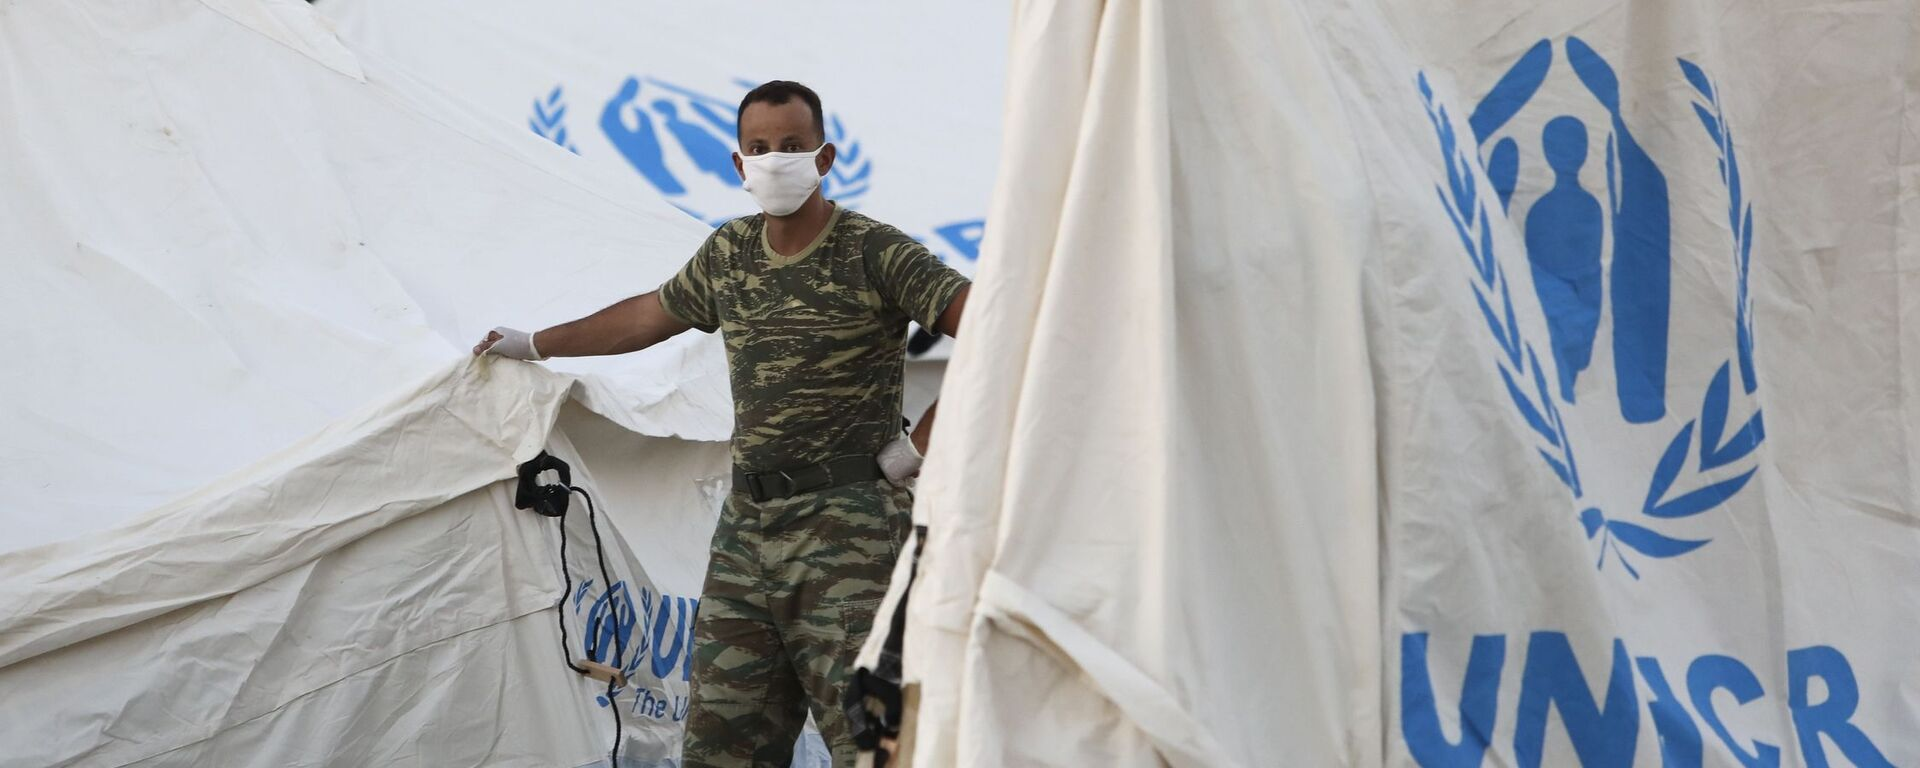 Εγκατάσταση σκηνών απο την Ύπατη Αρμοστεία του ΟΗΕ για τους Πρόσφυγες στη Μόρια, Λέσβος  στίς 11 Σεπτεμβρίου, 2020 - Sputnik Ελλάδα, 1920, 16.08.2021